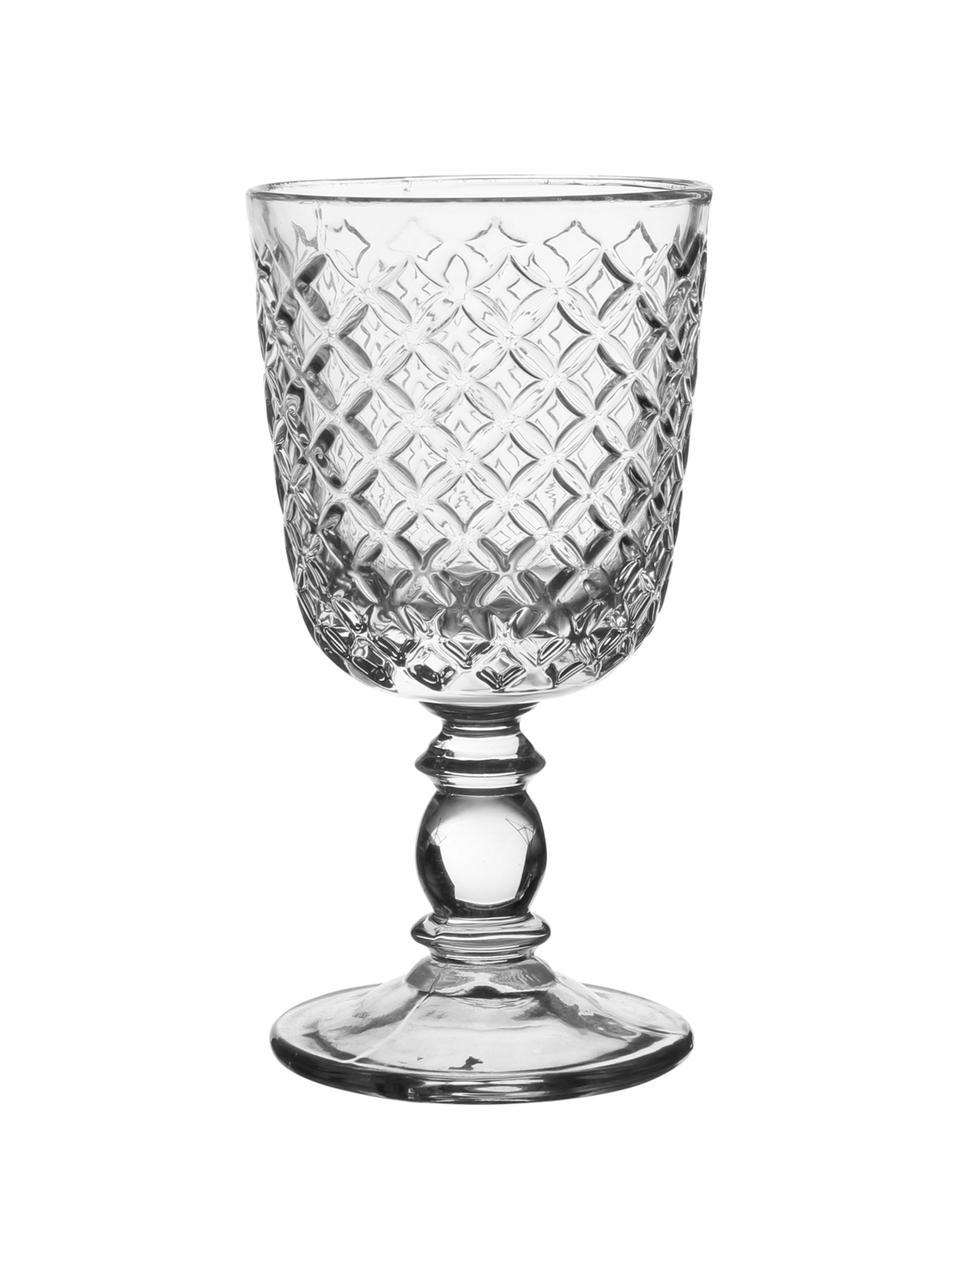 Weingläser Arlequin mit Relief im Landhausstil, 2er-Set, Glas, Transparent, 280 ml